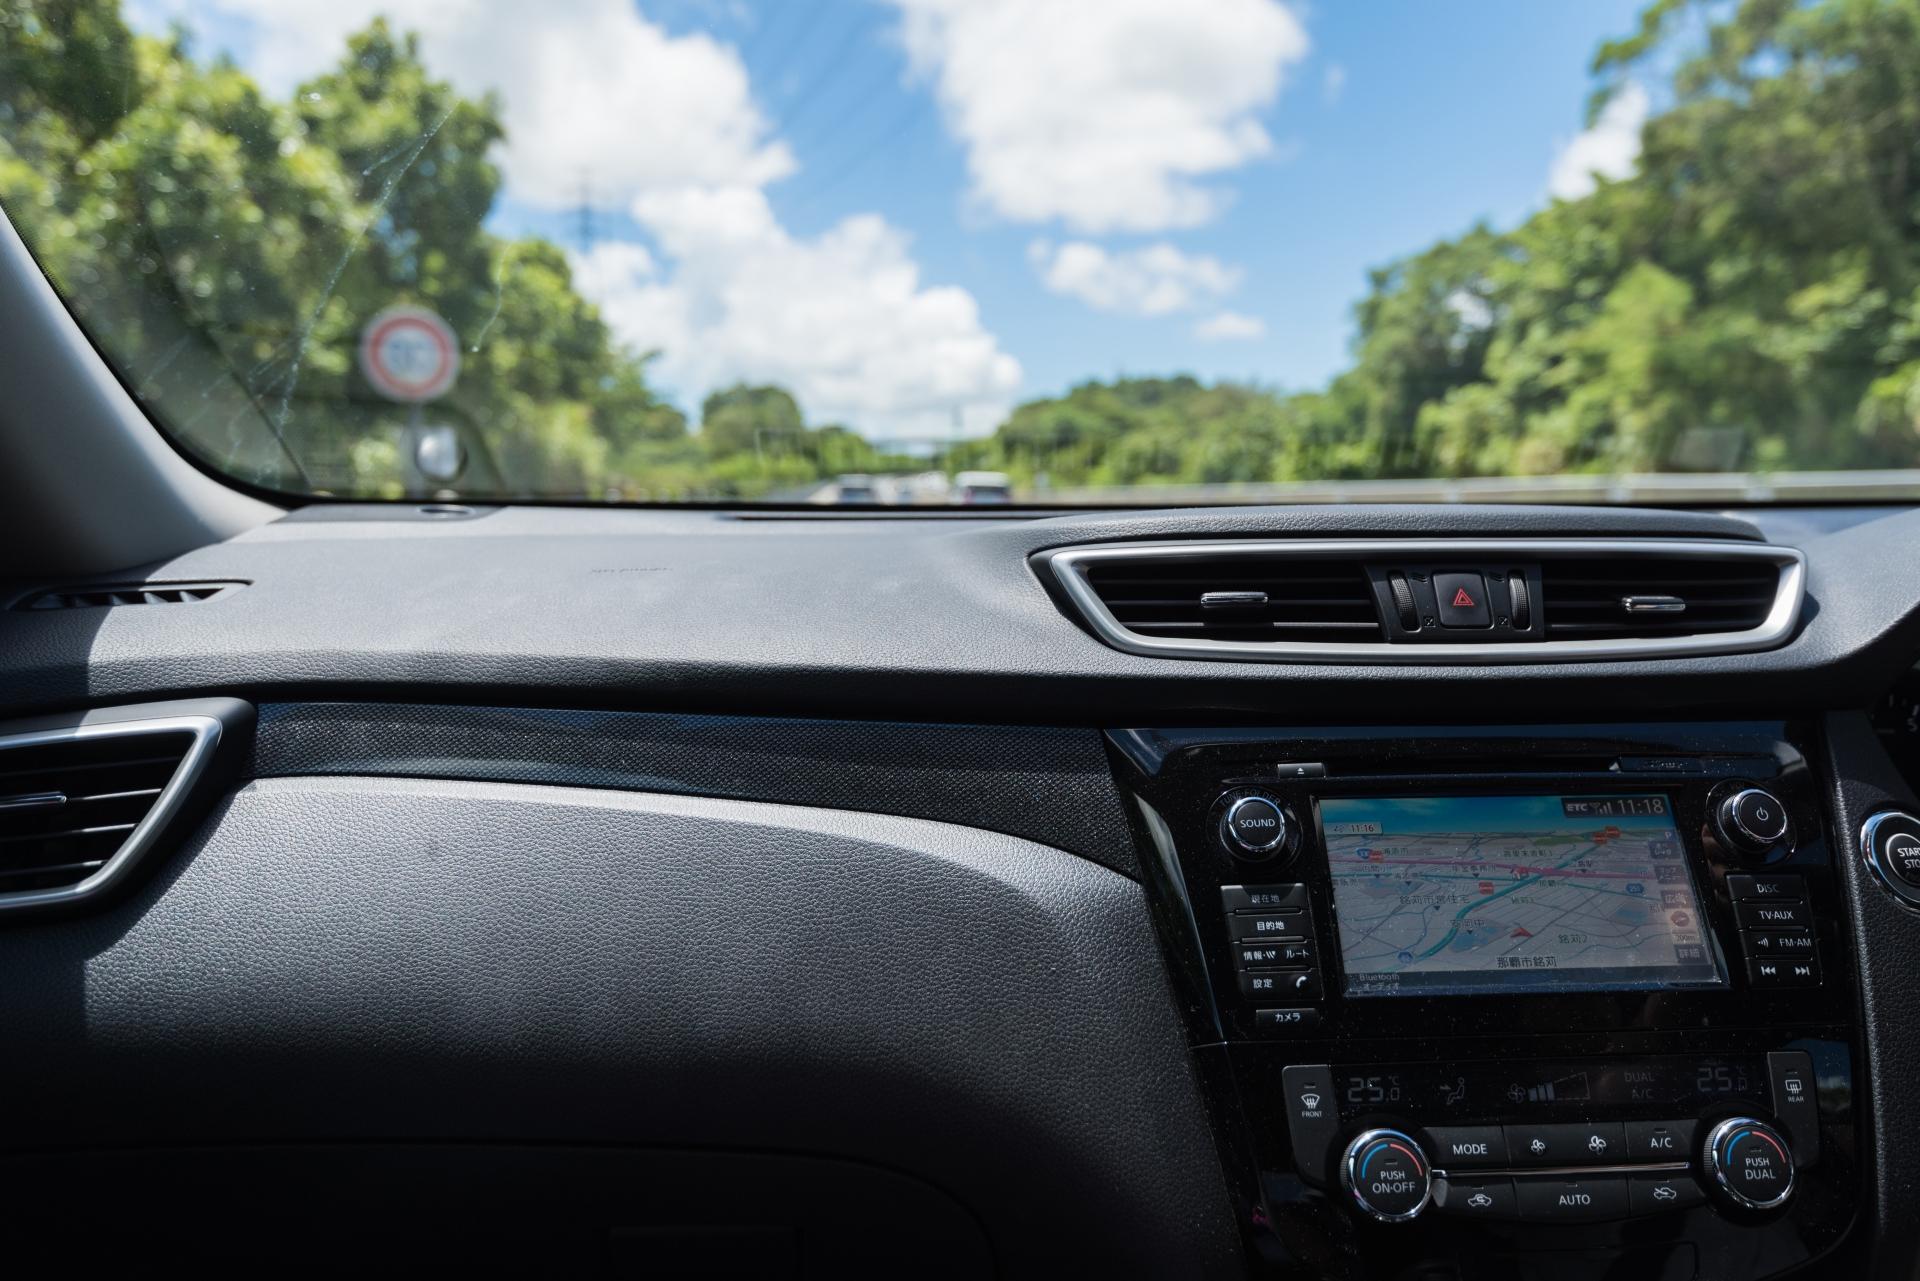 車内でモバイルWi-Fi 注意するべきこと